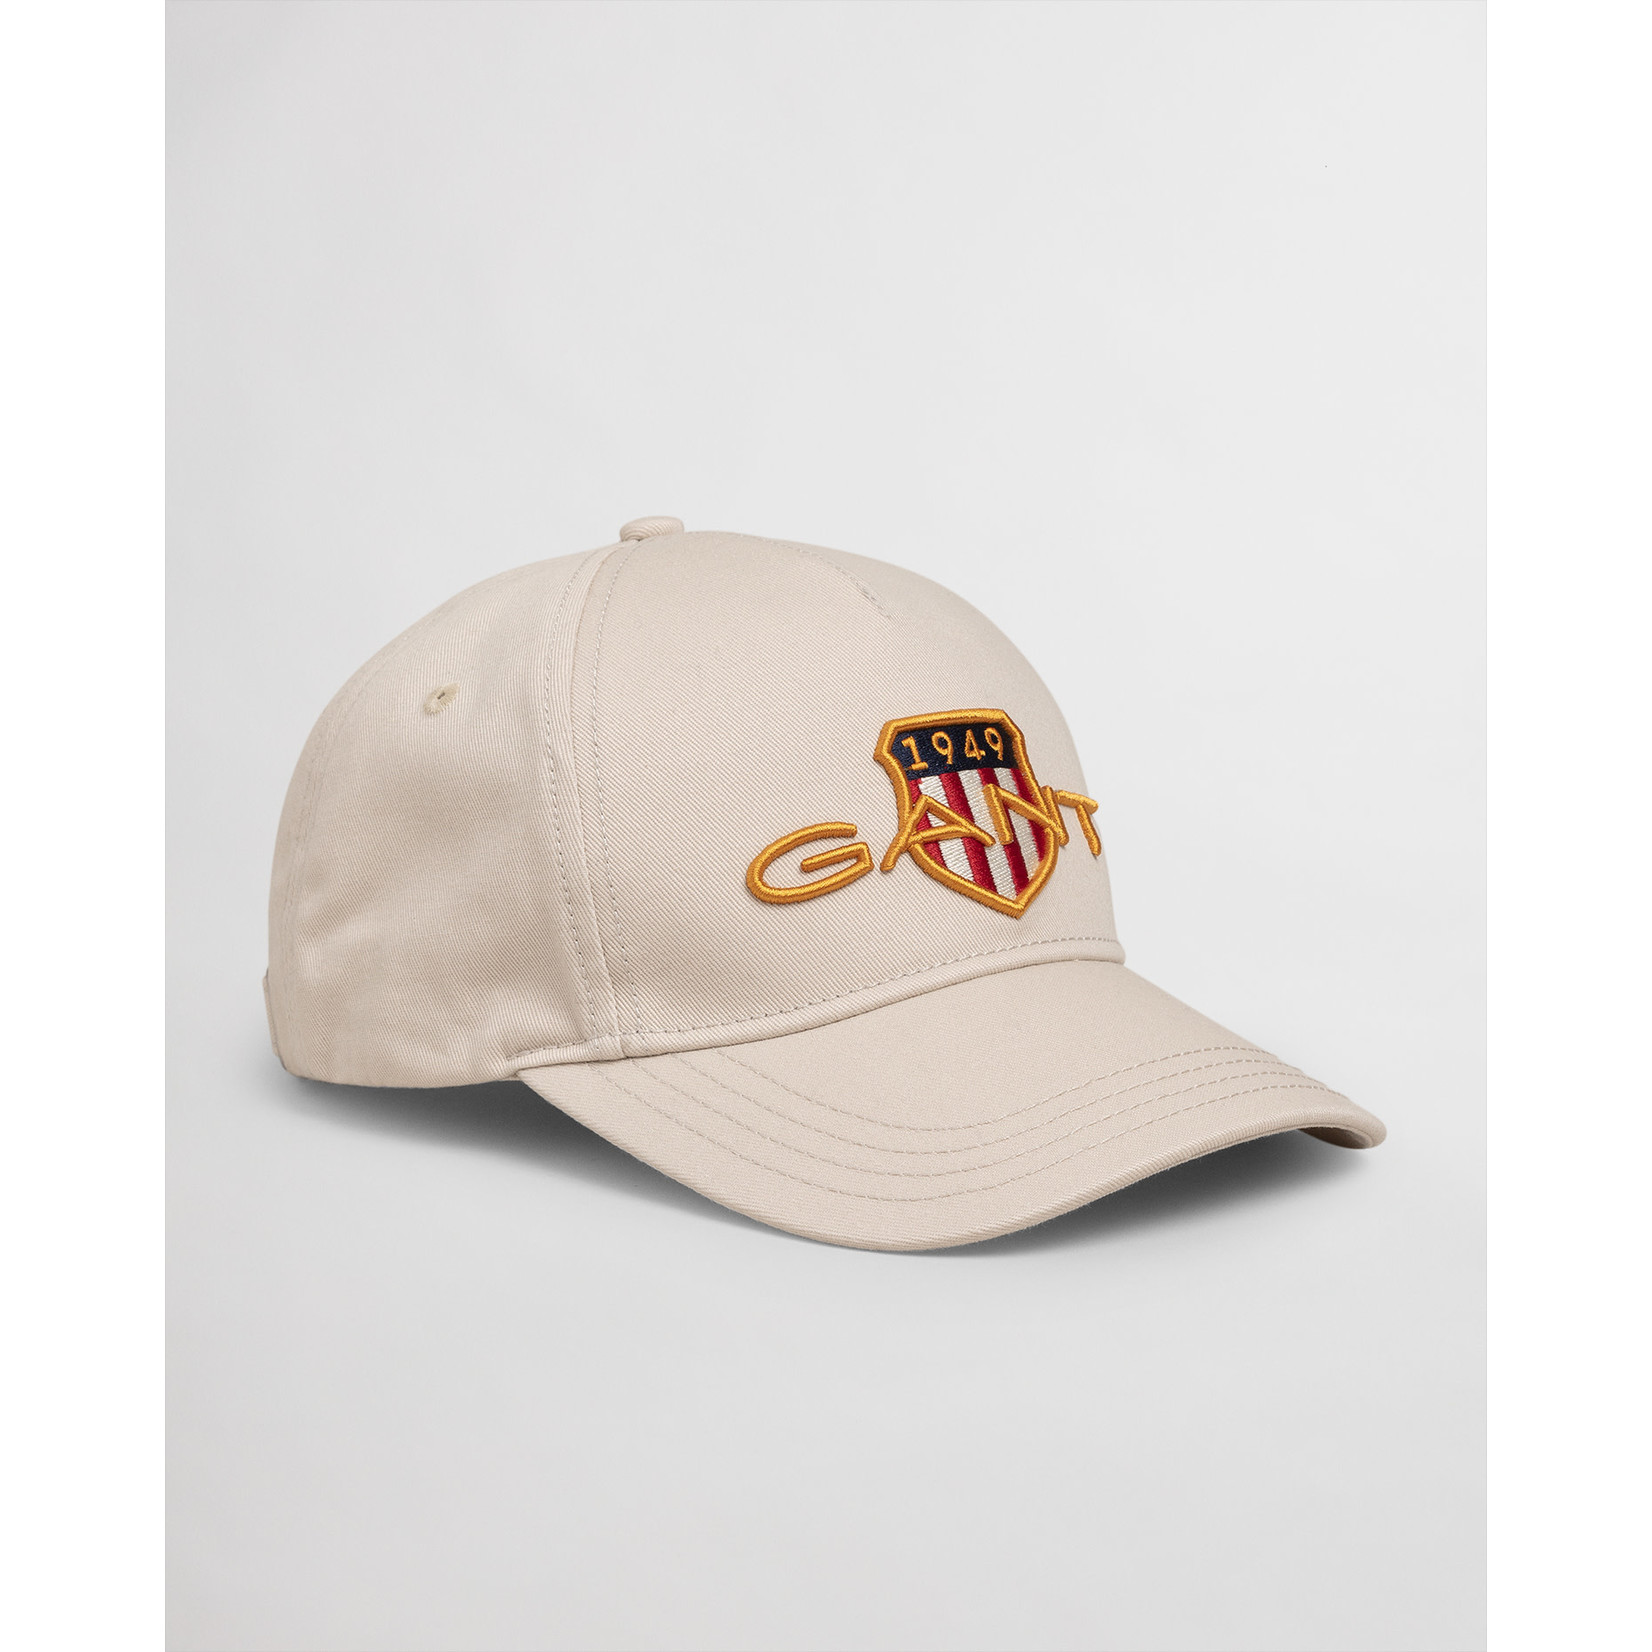 GANT katoenen baseball cap beige